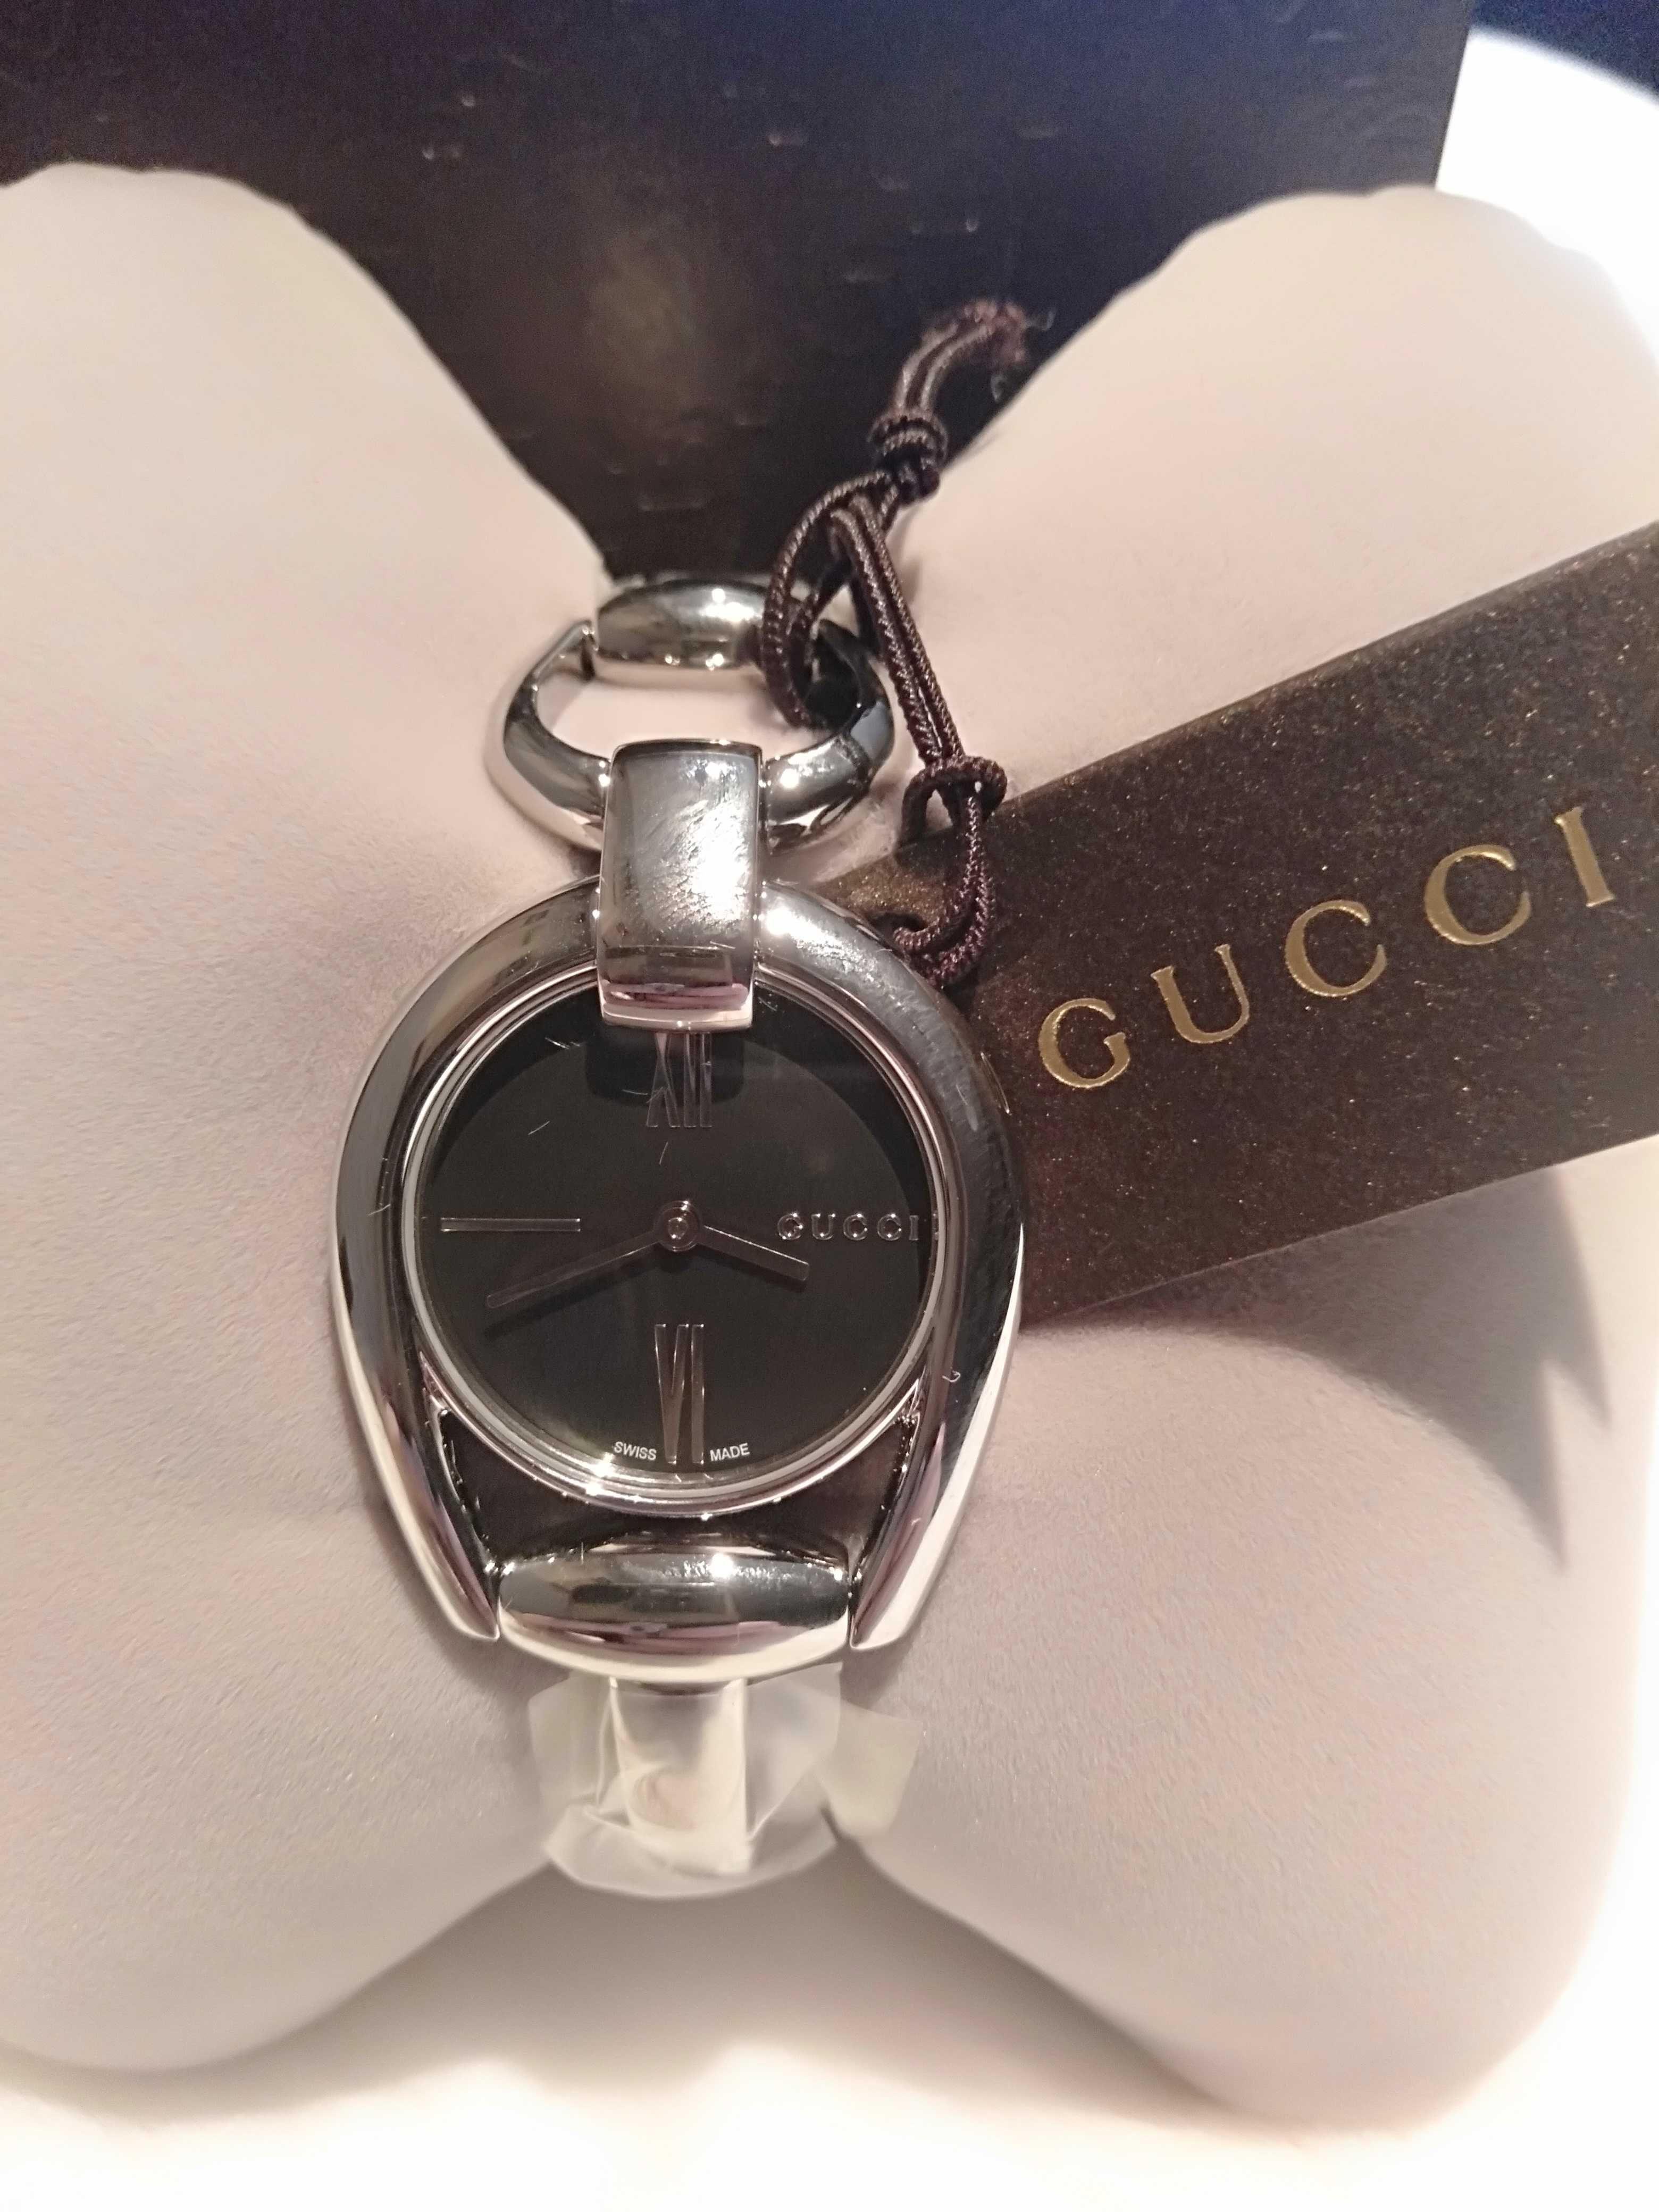 Gucci oryginalny zegarek damski z papierami. NOWY